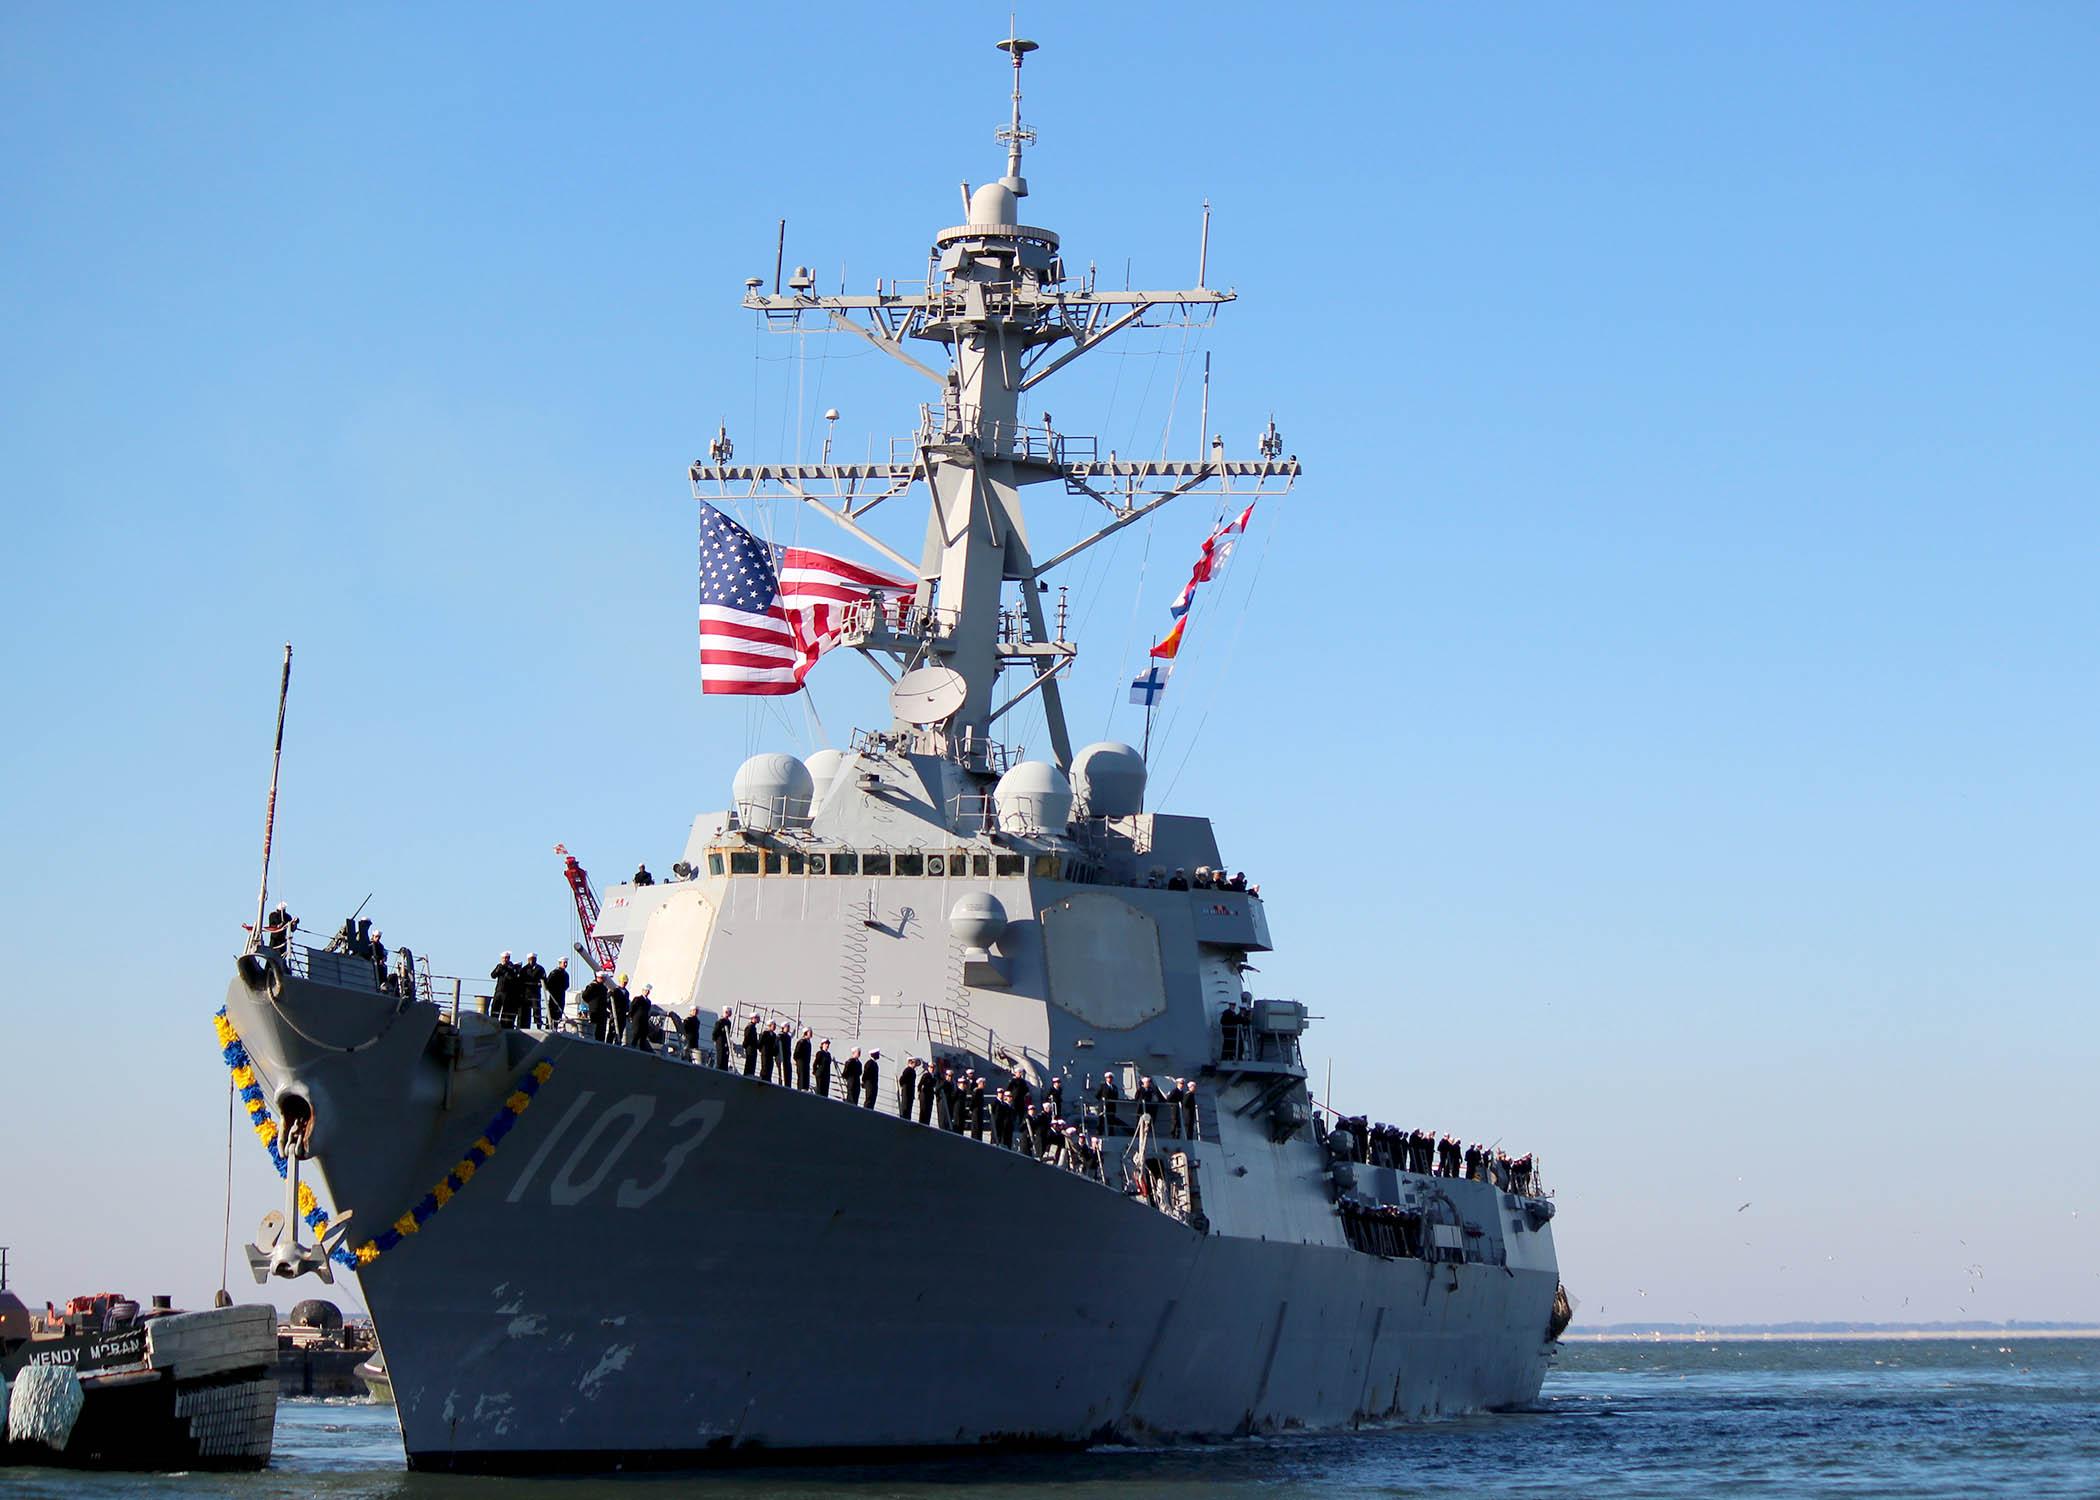 USS TRUXTUN DDG-103 Einlaufen Norfolk am 15.11.2014 Bild: U.S. Navy